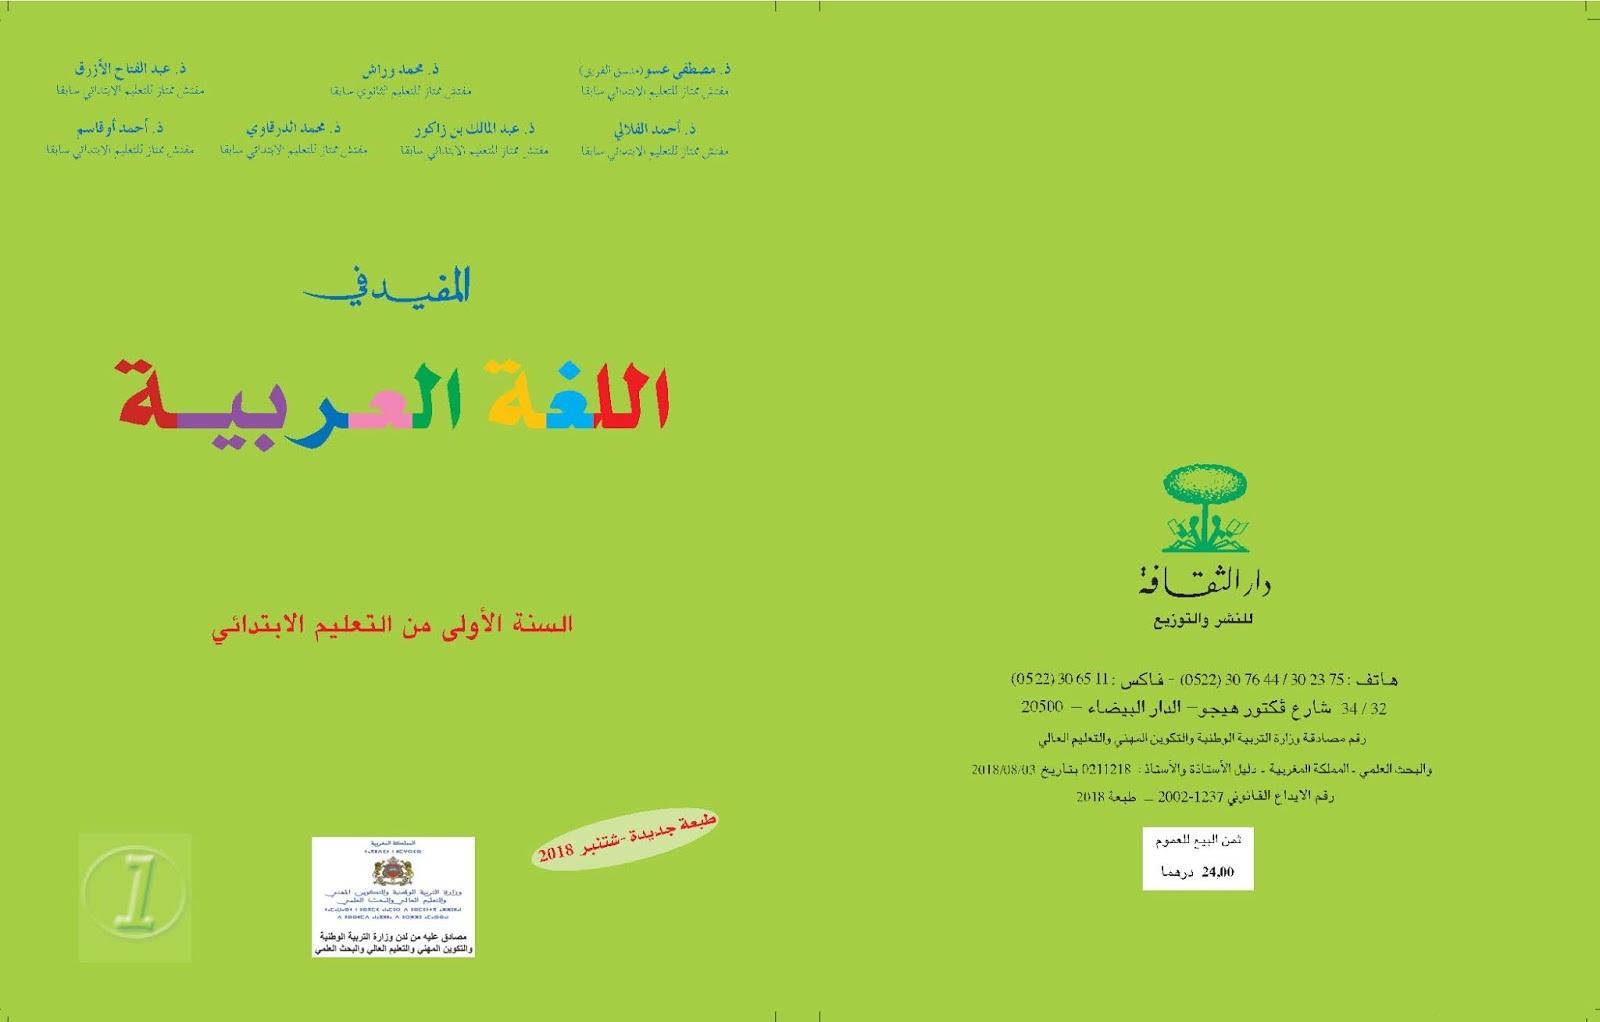 اللغه العربيه المستوى الاول كتاب التطبيقات